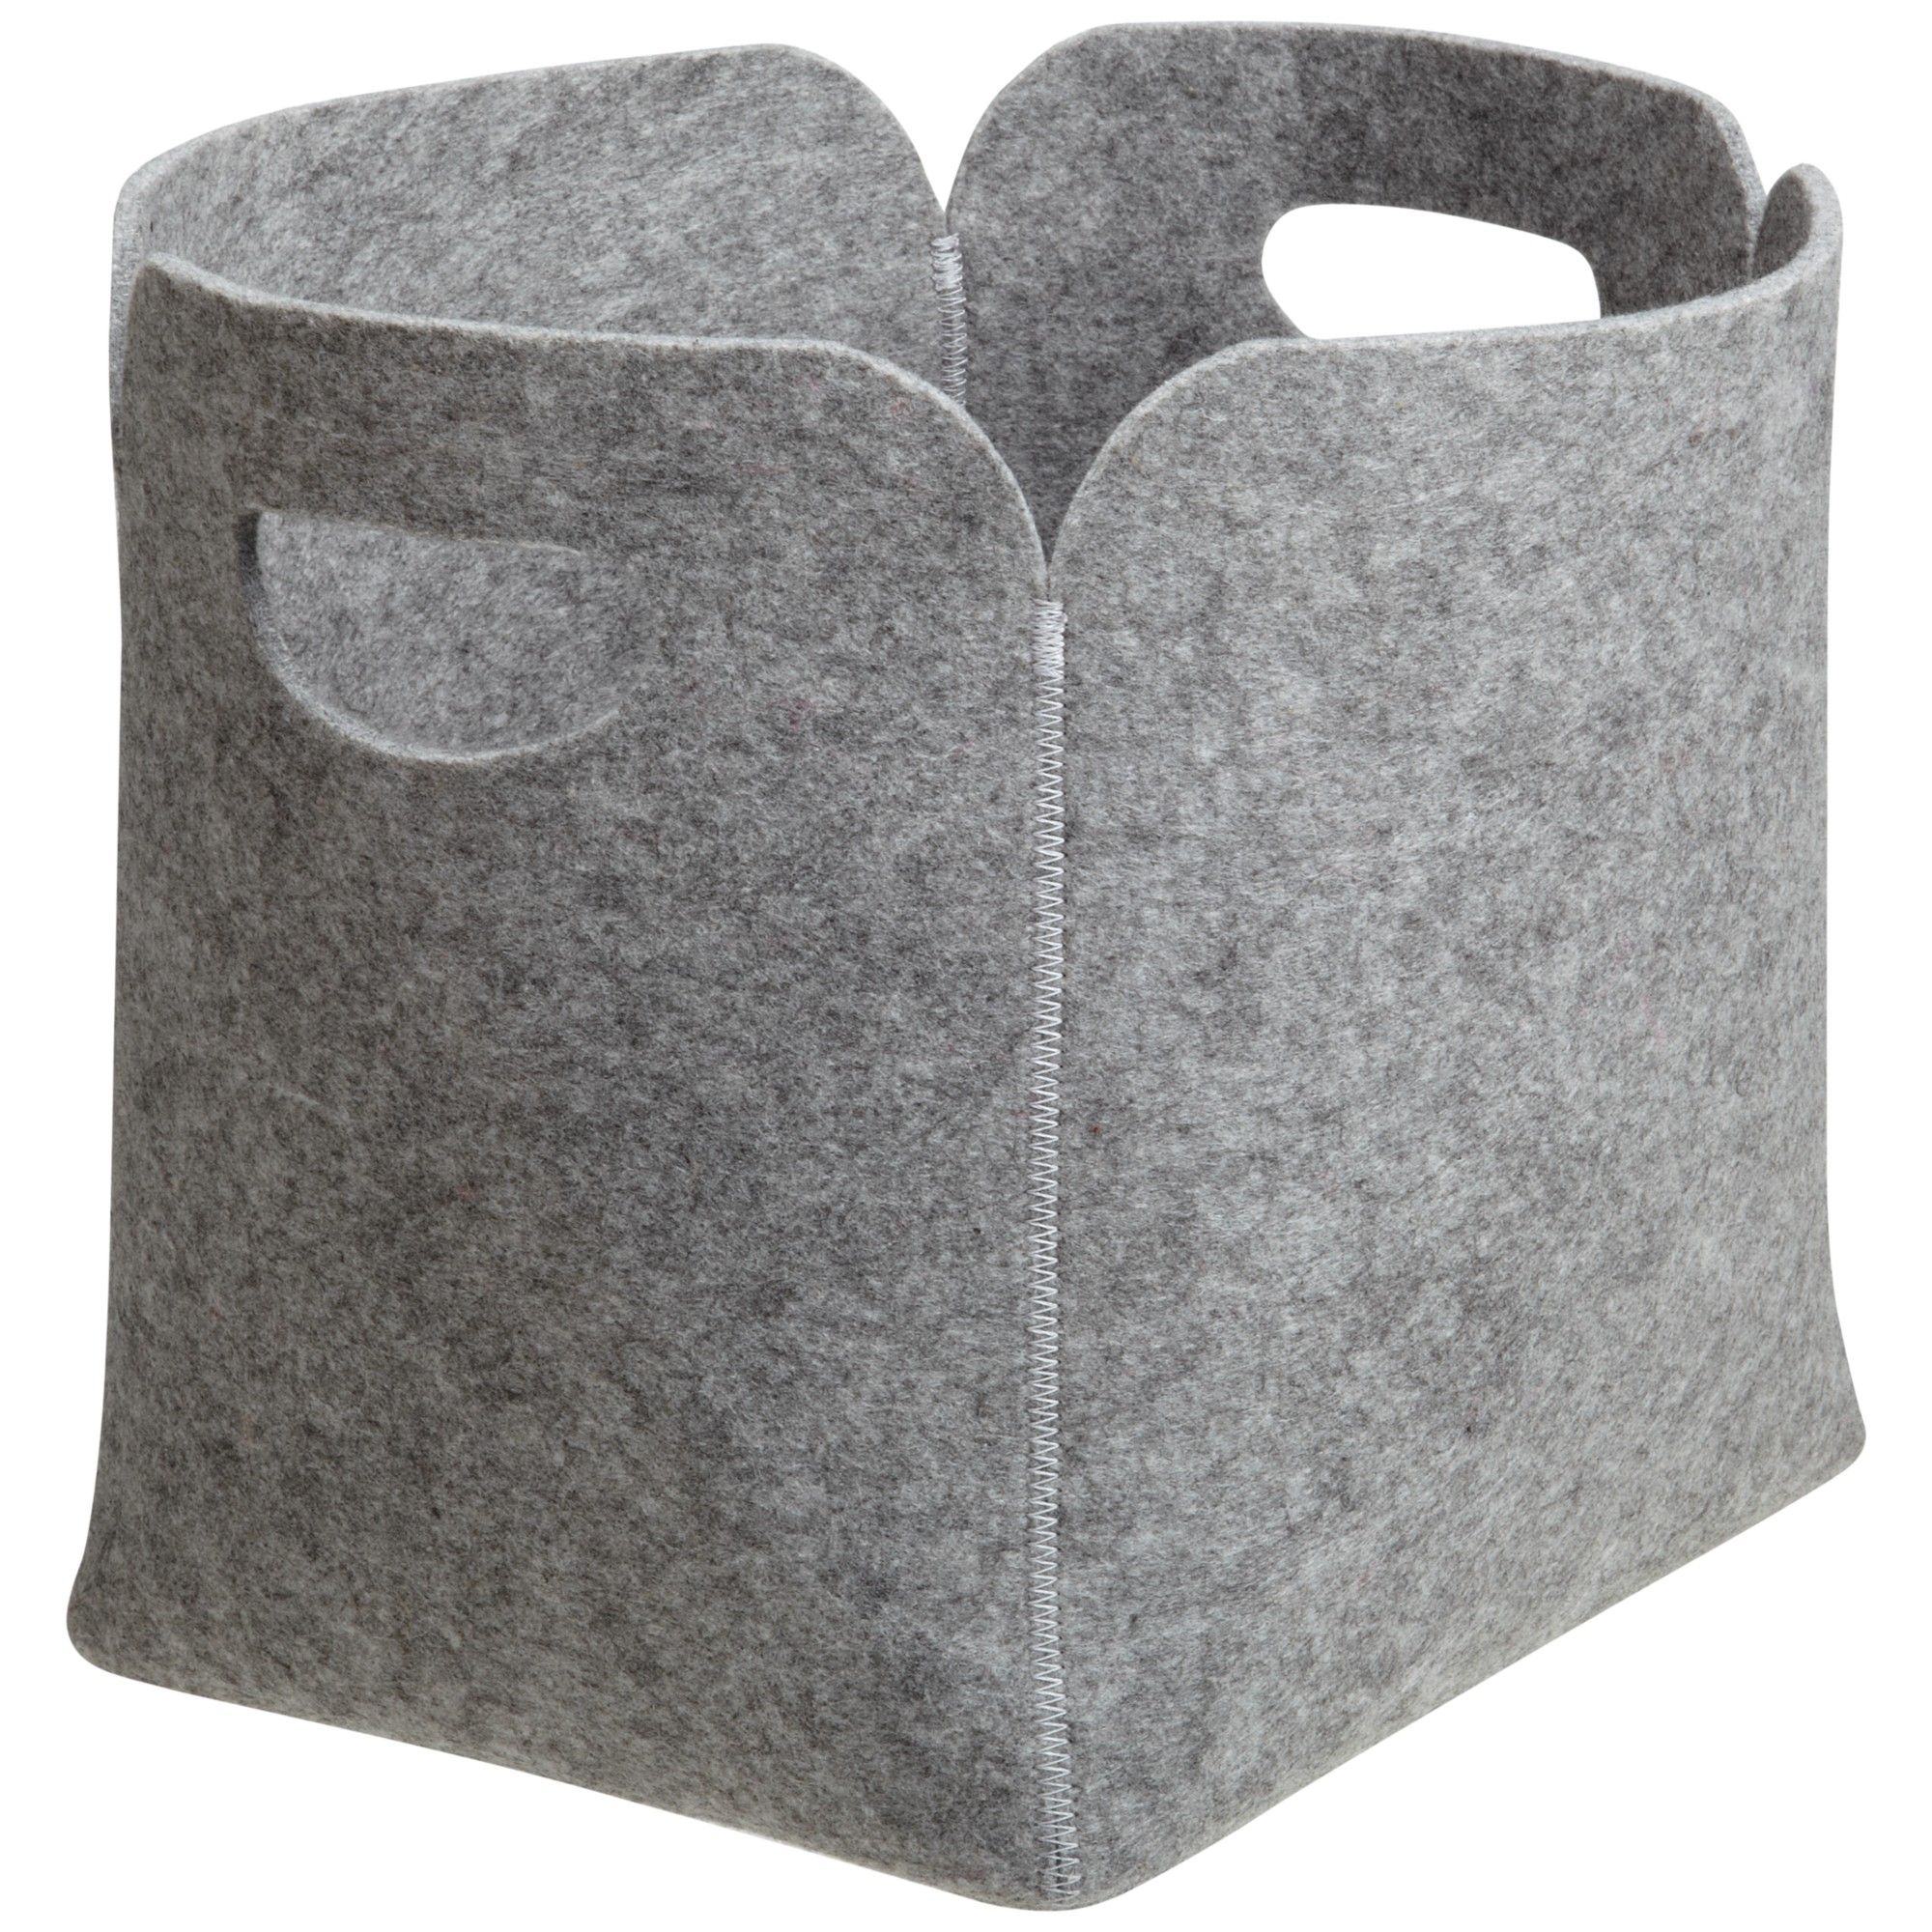 John Lewis Felt Storage Boxes Set of 3  sc 1 st  Pinterest & John Lewis Felt Storage Boxes Set of 3 | felt fold | Pinterest ...